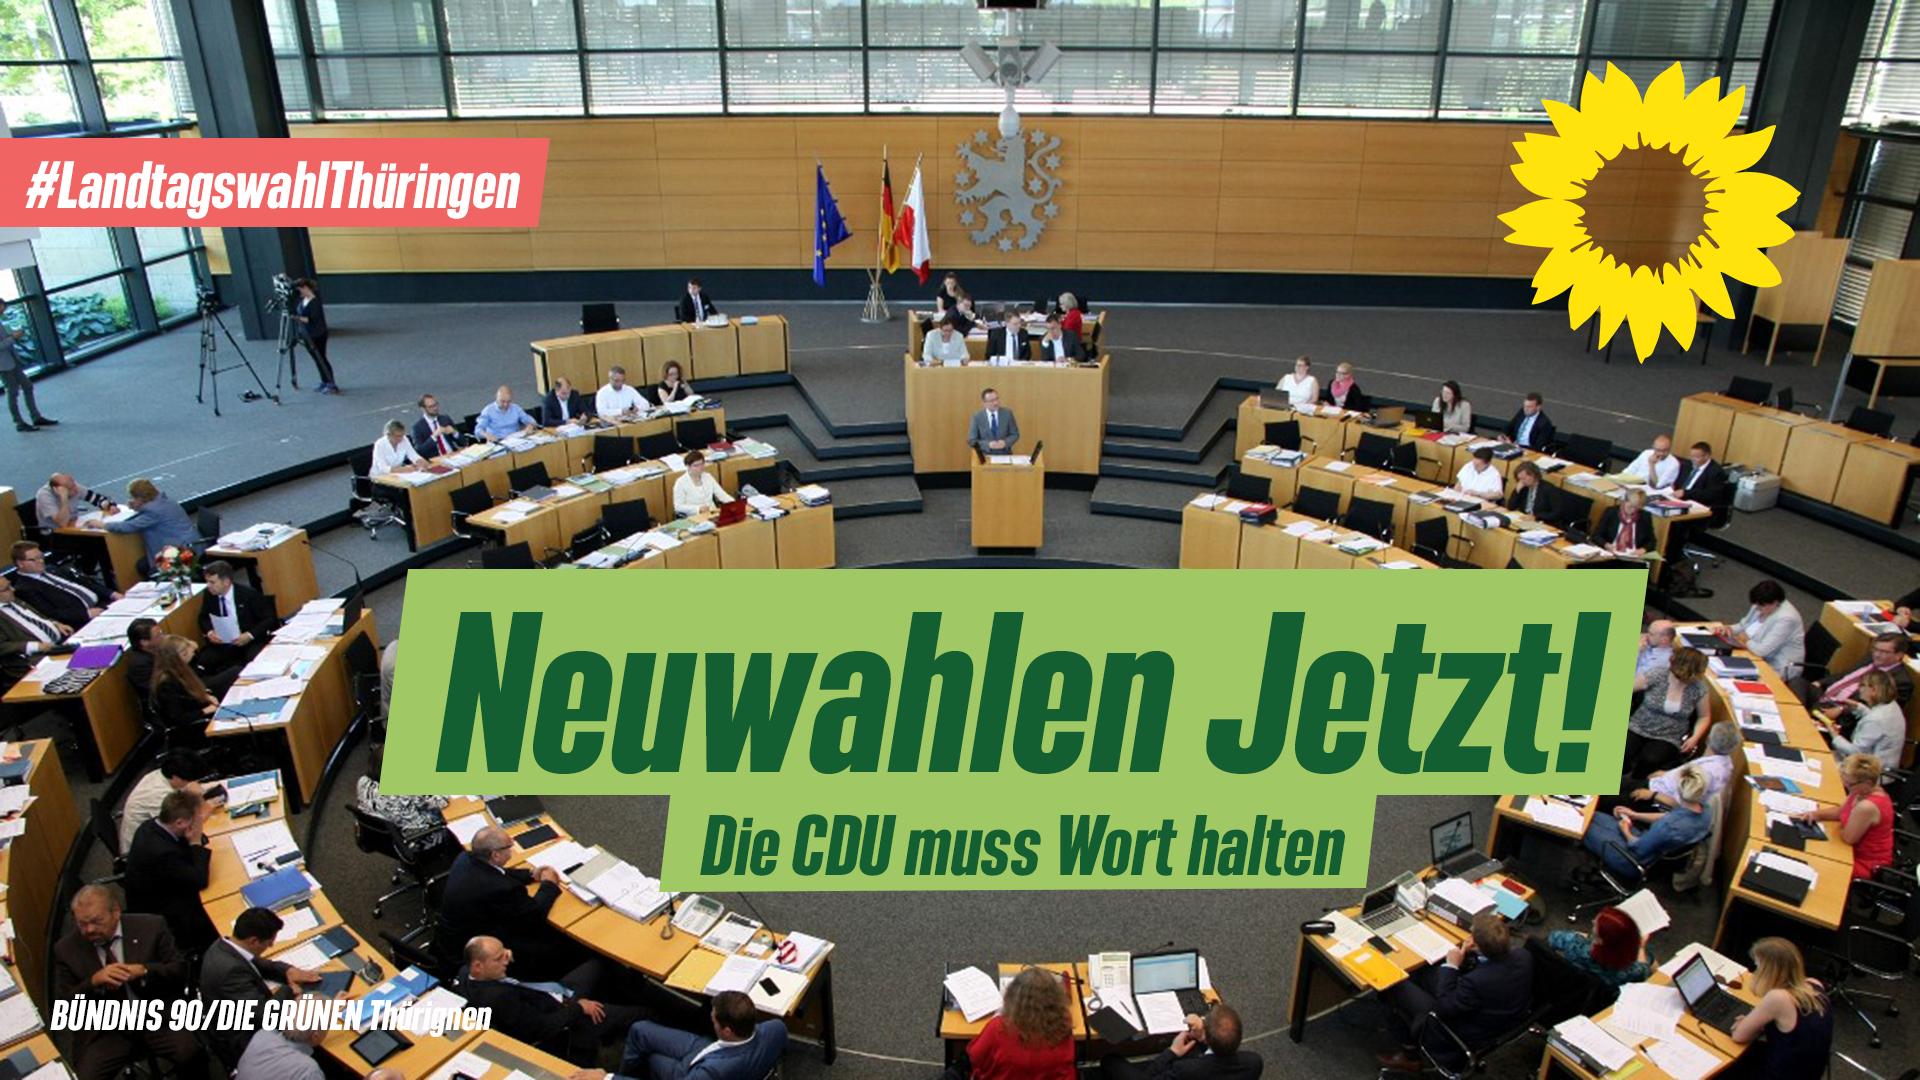 Die CDU muss Wort halten!